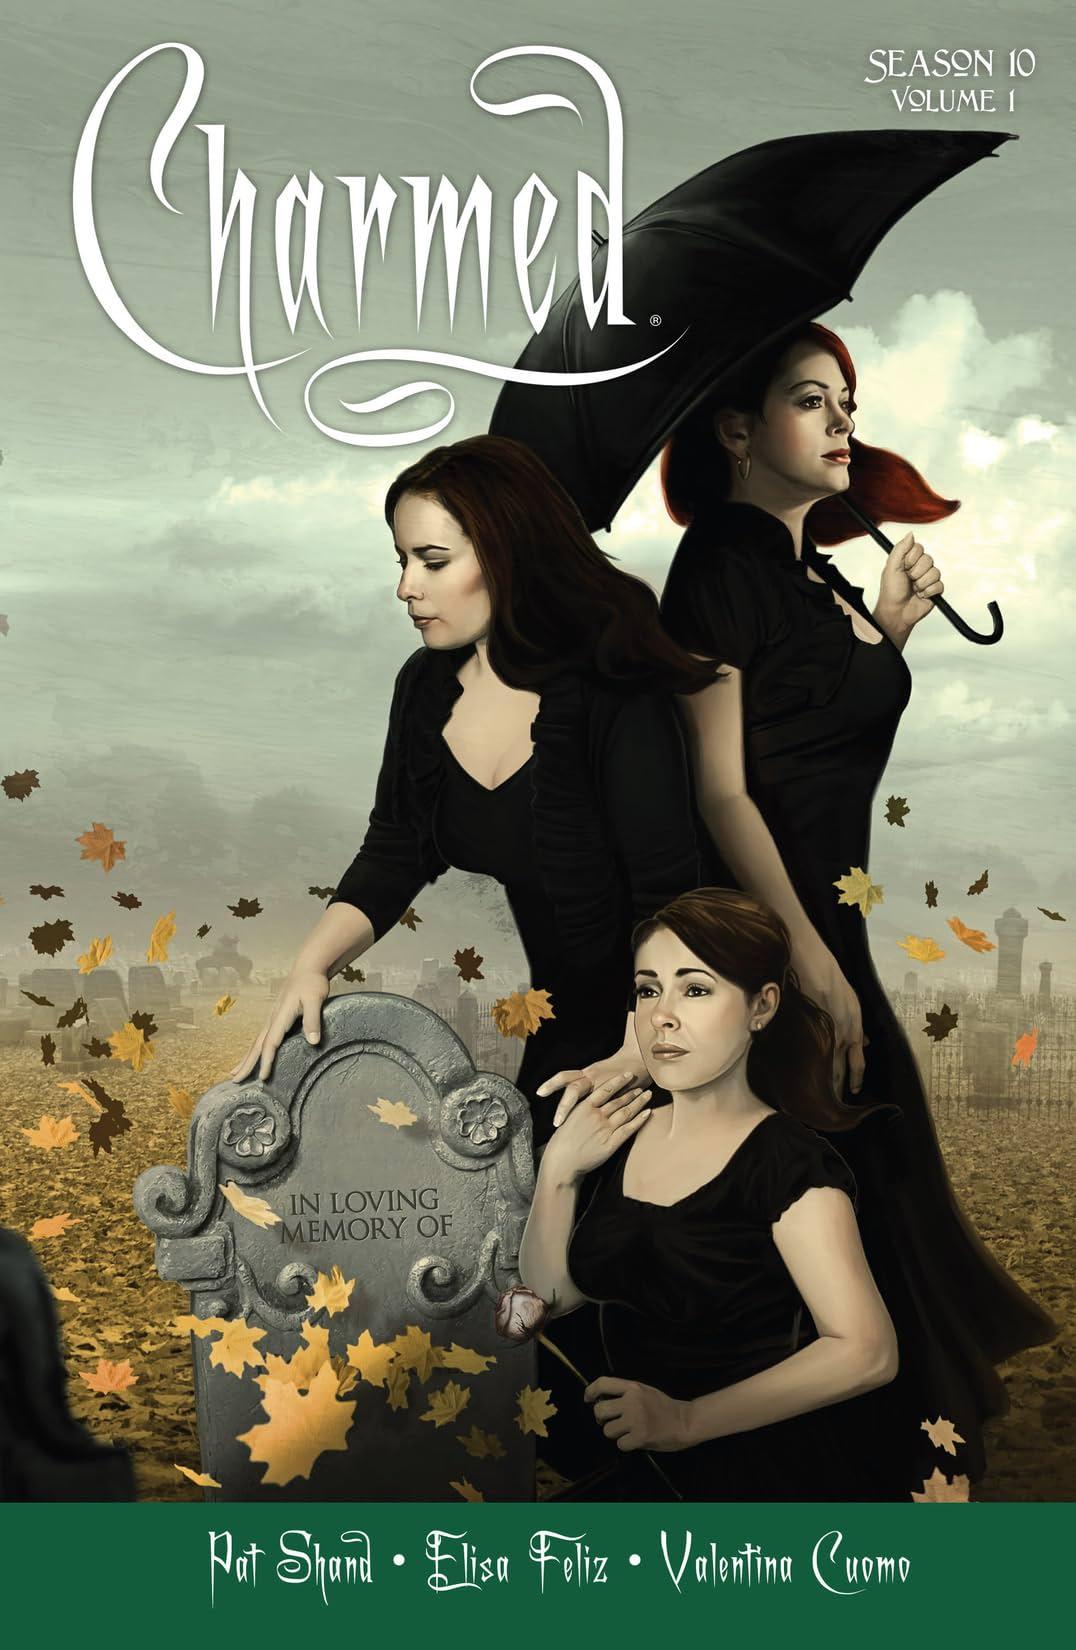 Charmed: Season 10 Vol. 1